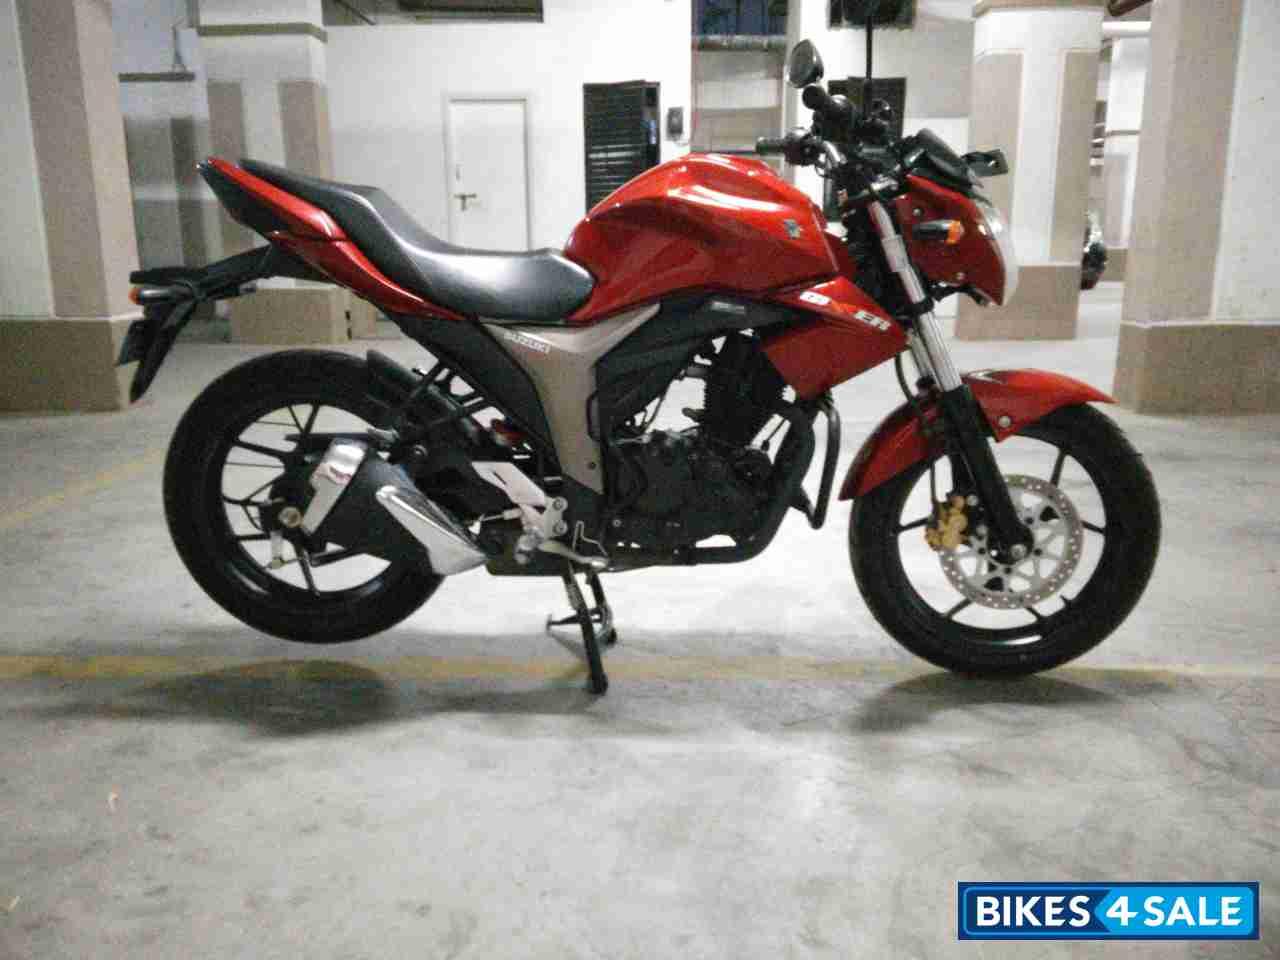 Red Suzuki Gixxer 150 for sale in Hyderabad. Regularly ...